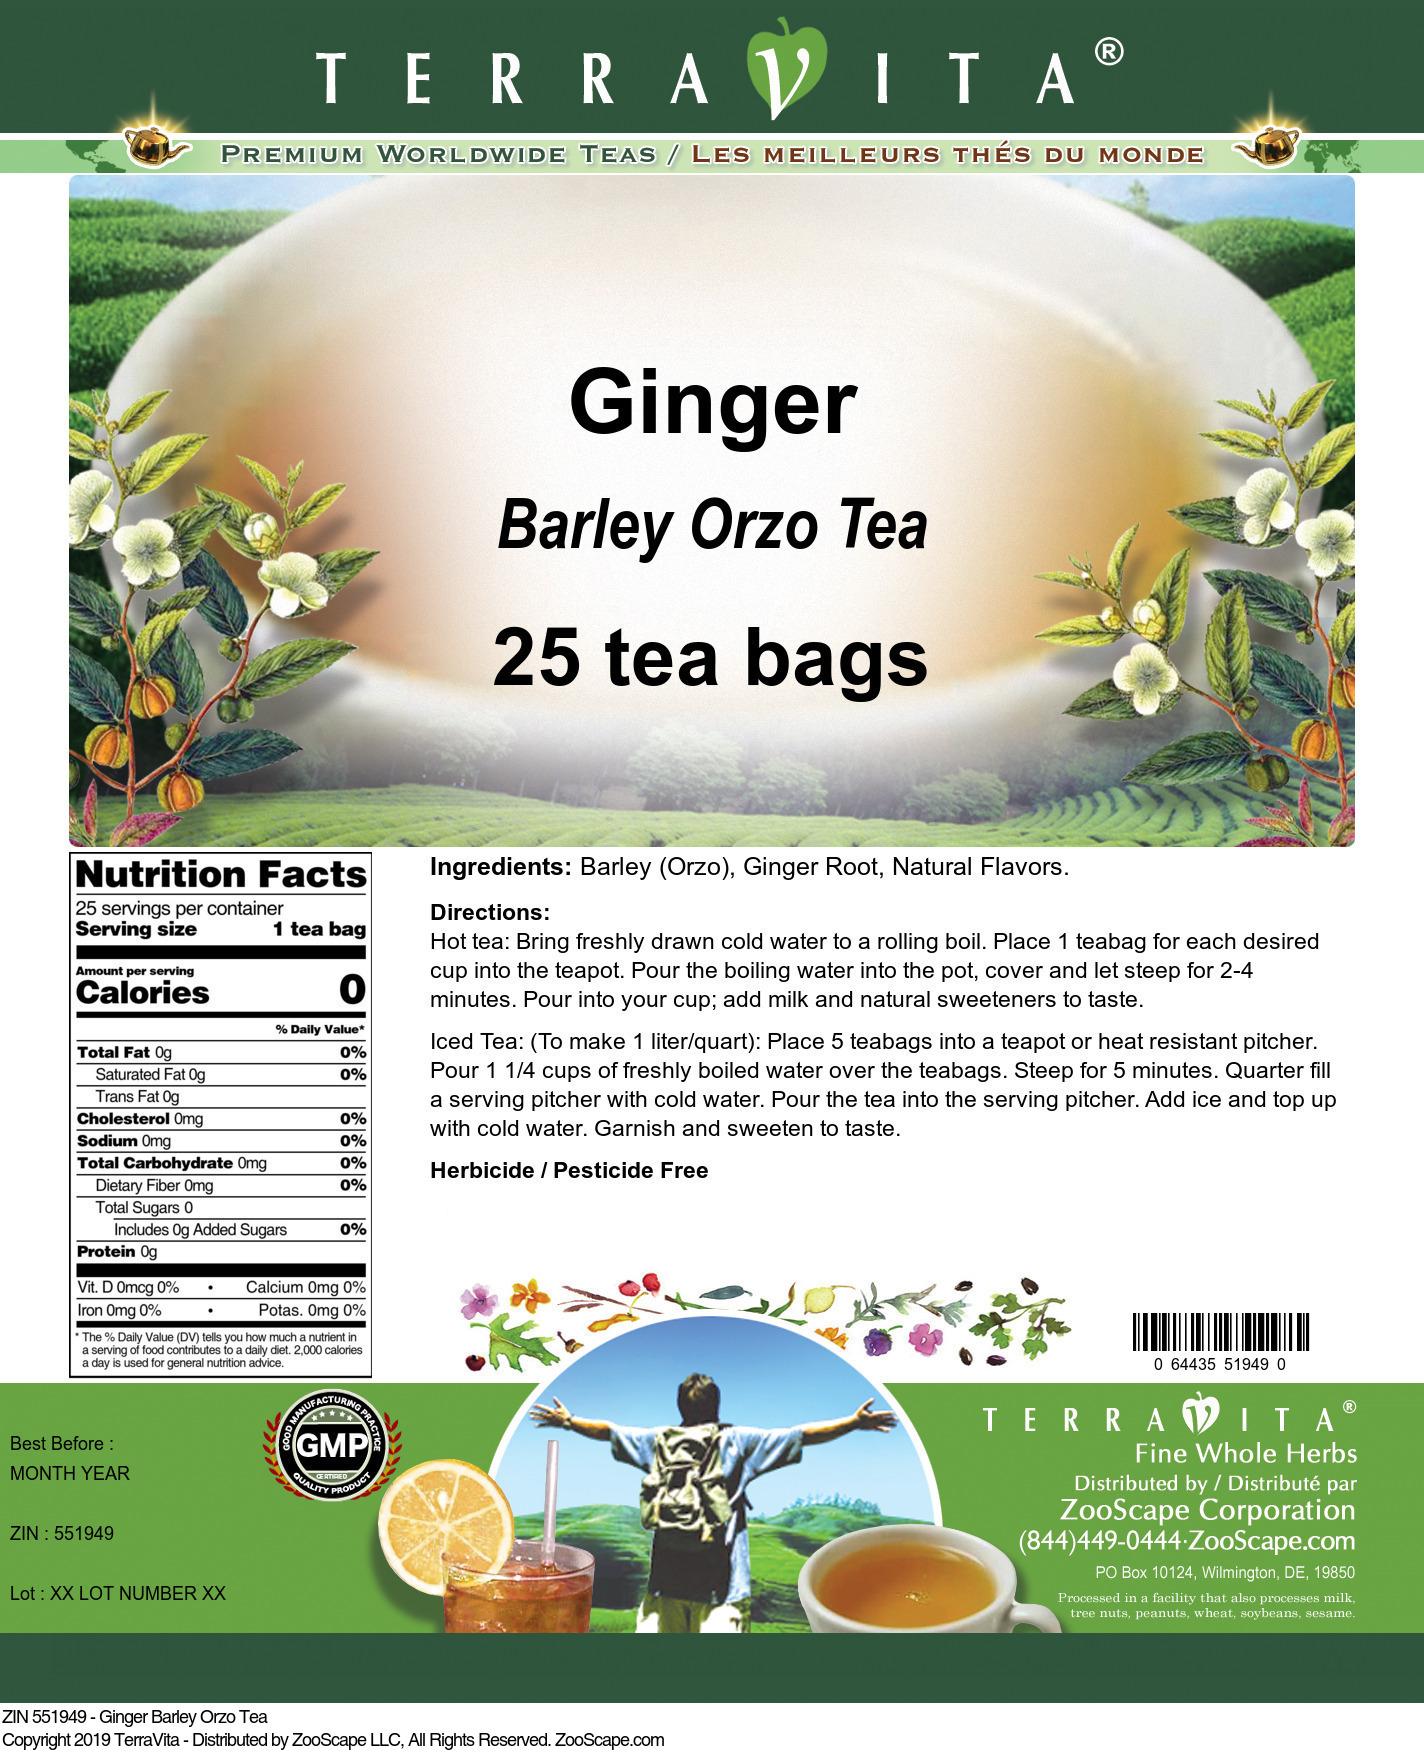 Ginger Barley Orzo Tea